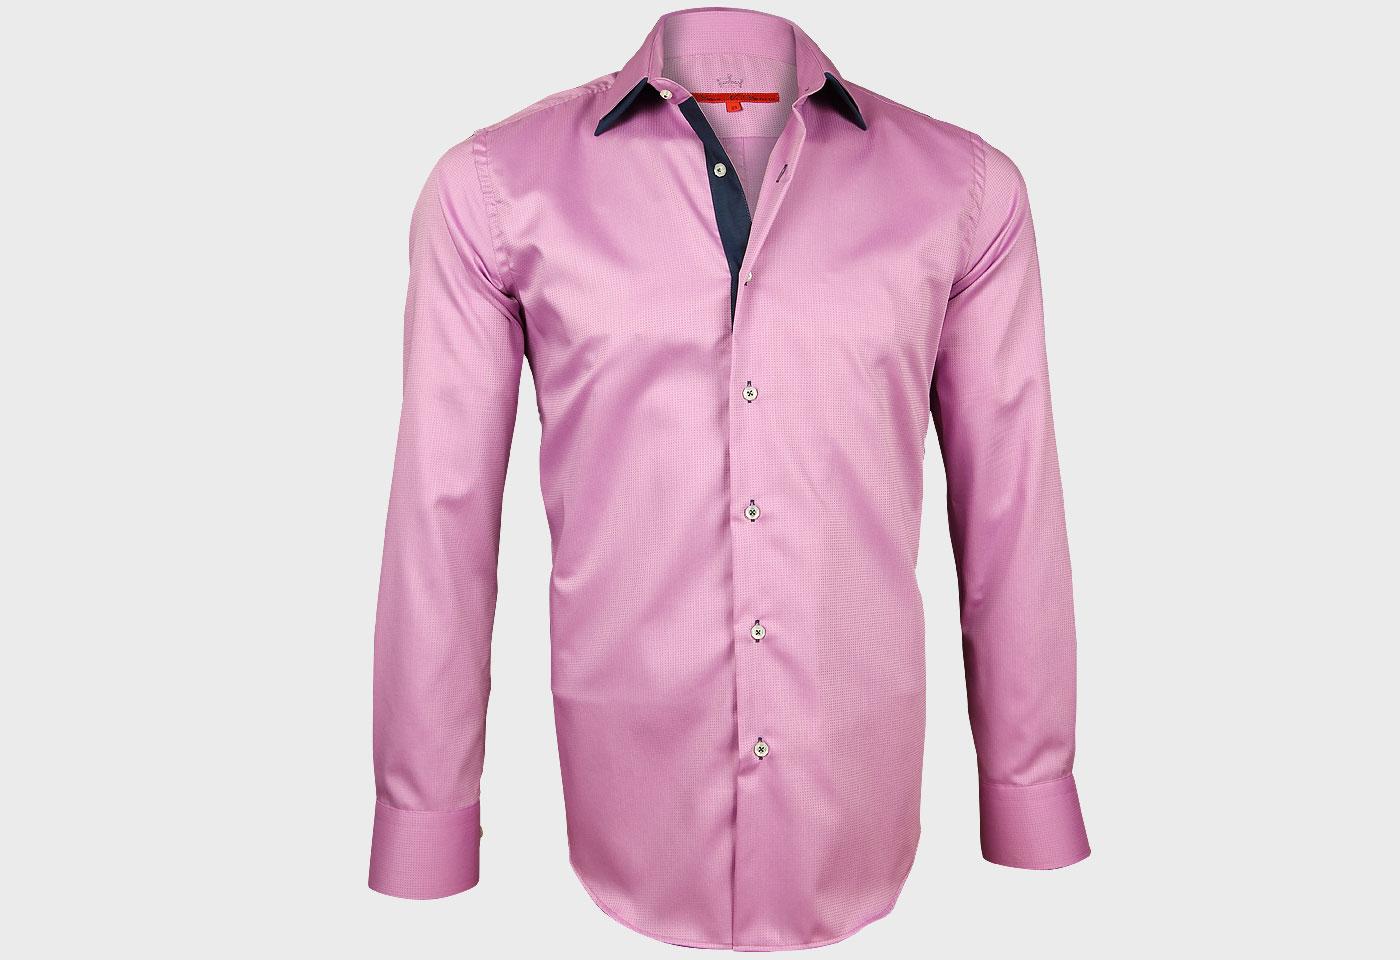 Acheter des chemises en ligne, c'est très simple